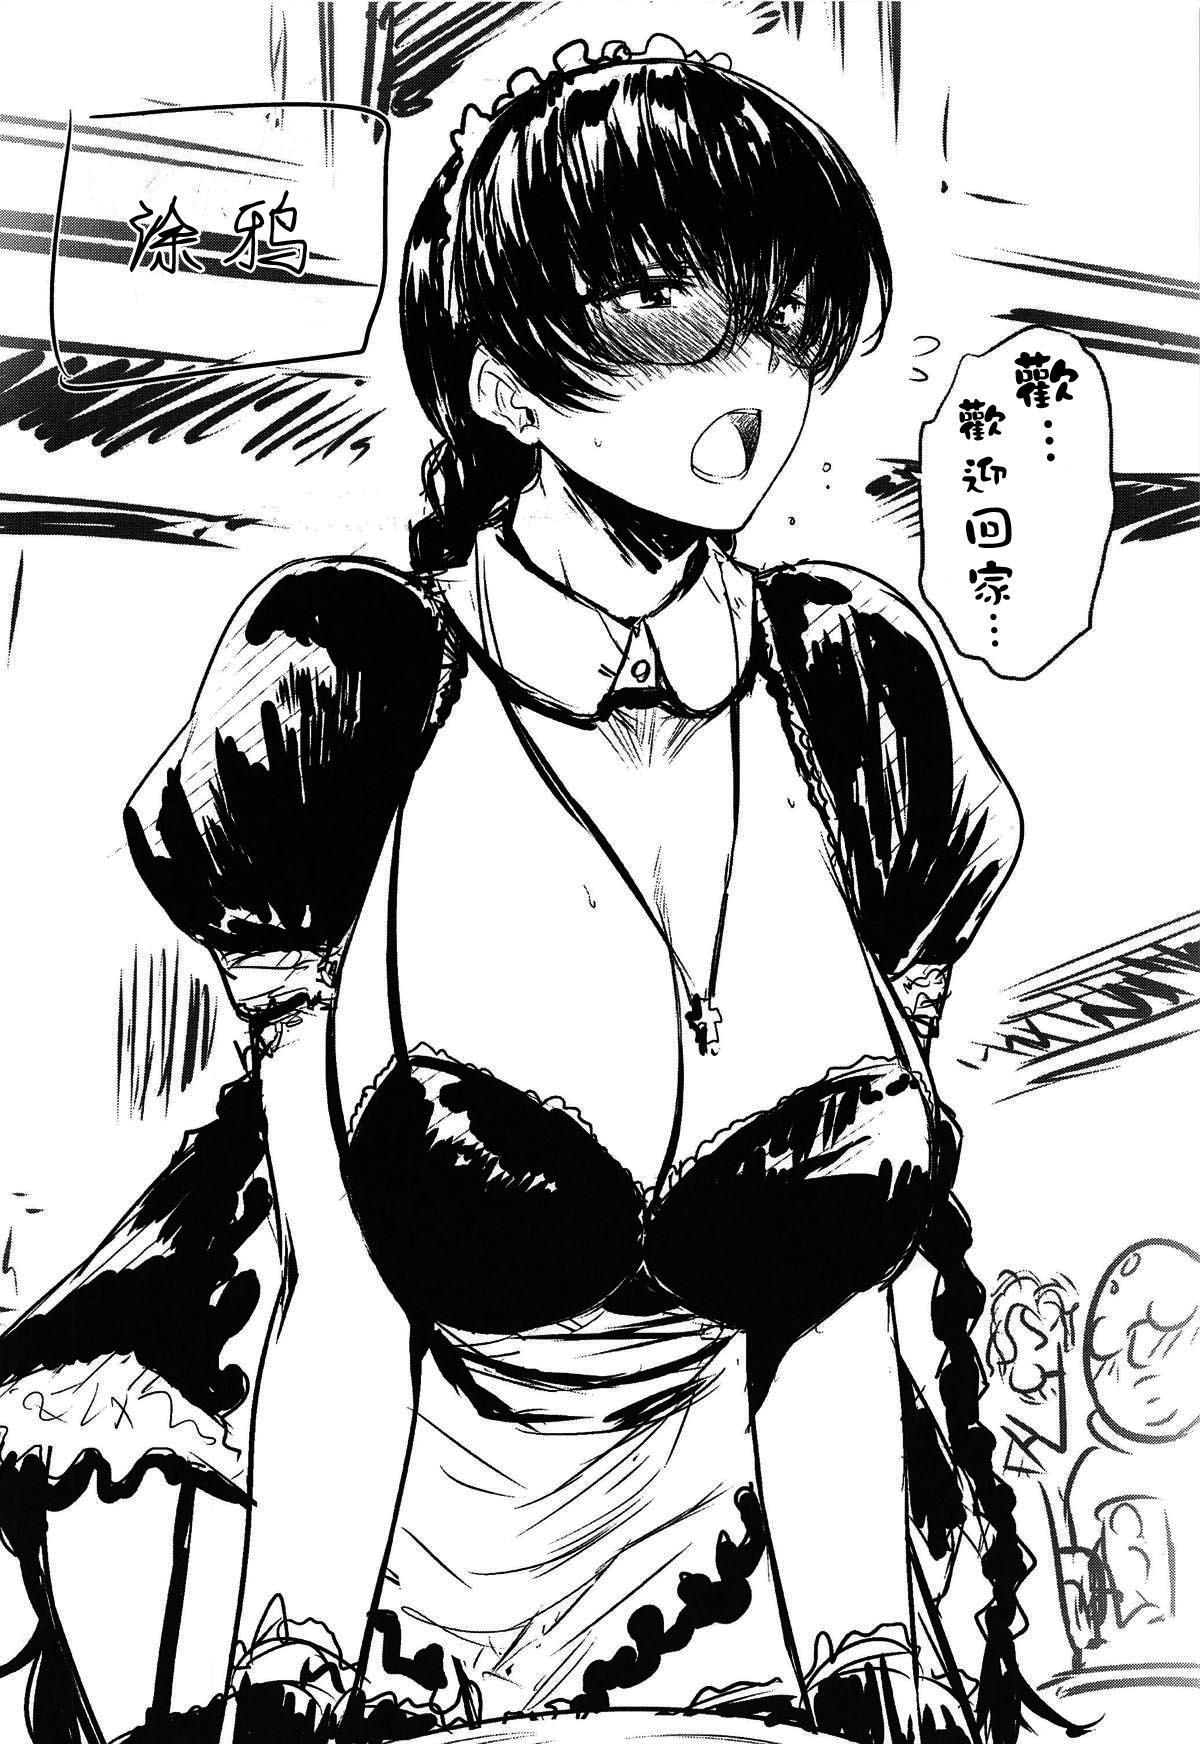 Maid no Tsutome 22